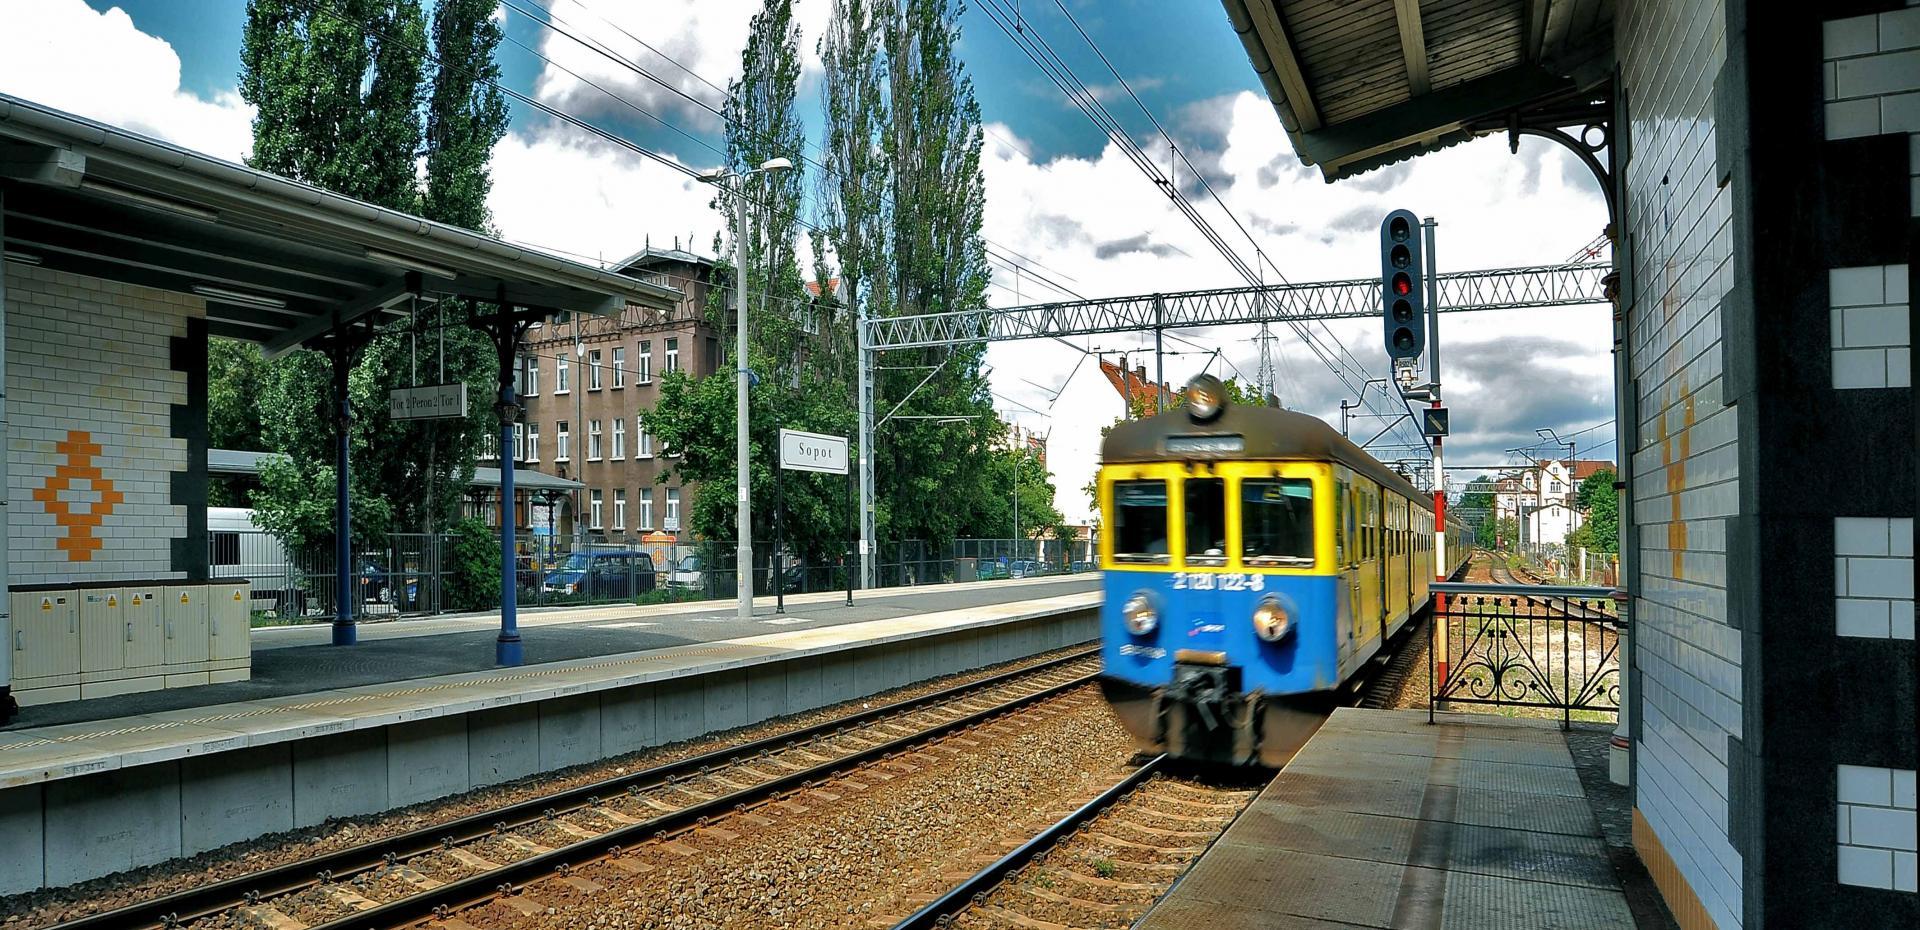 Stazione Sopot - Danzica - Polonia